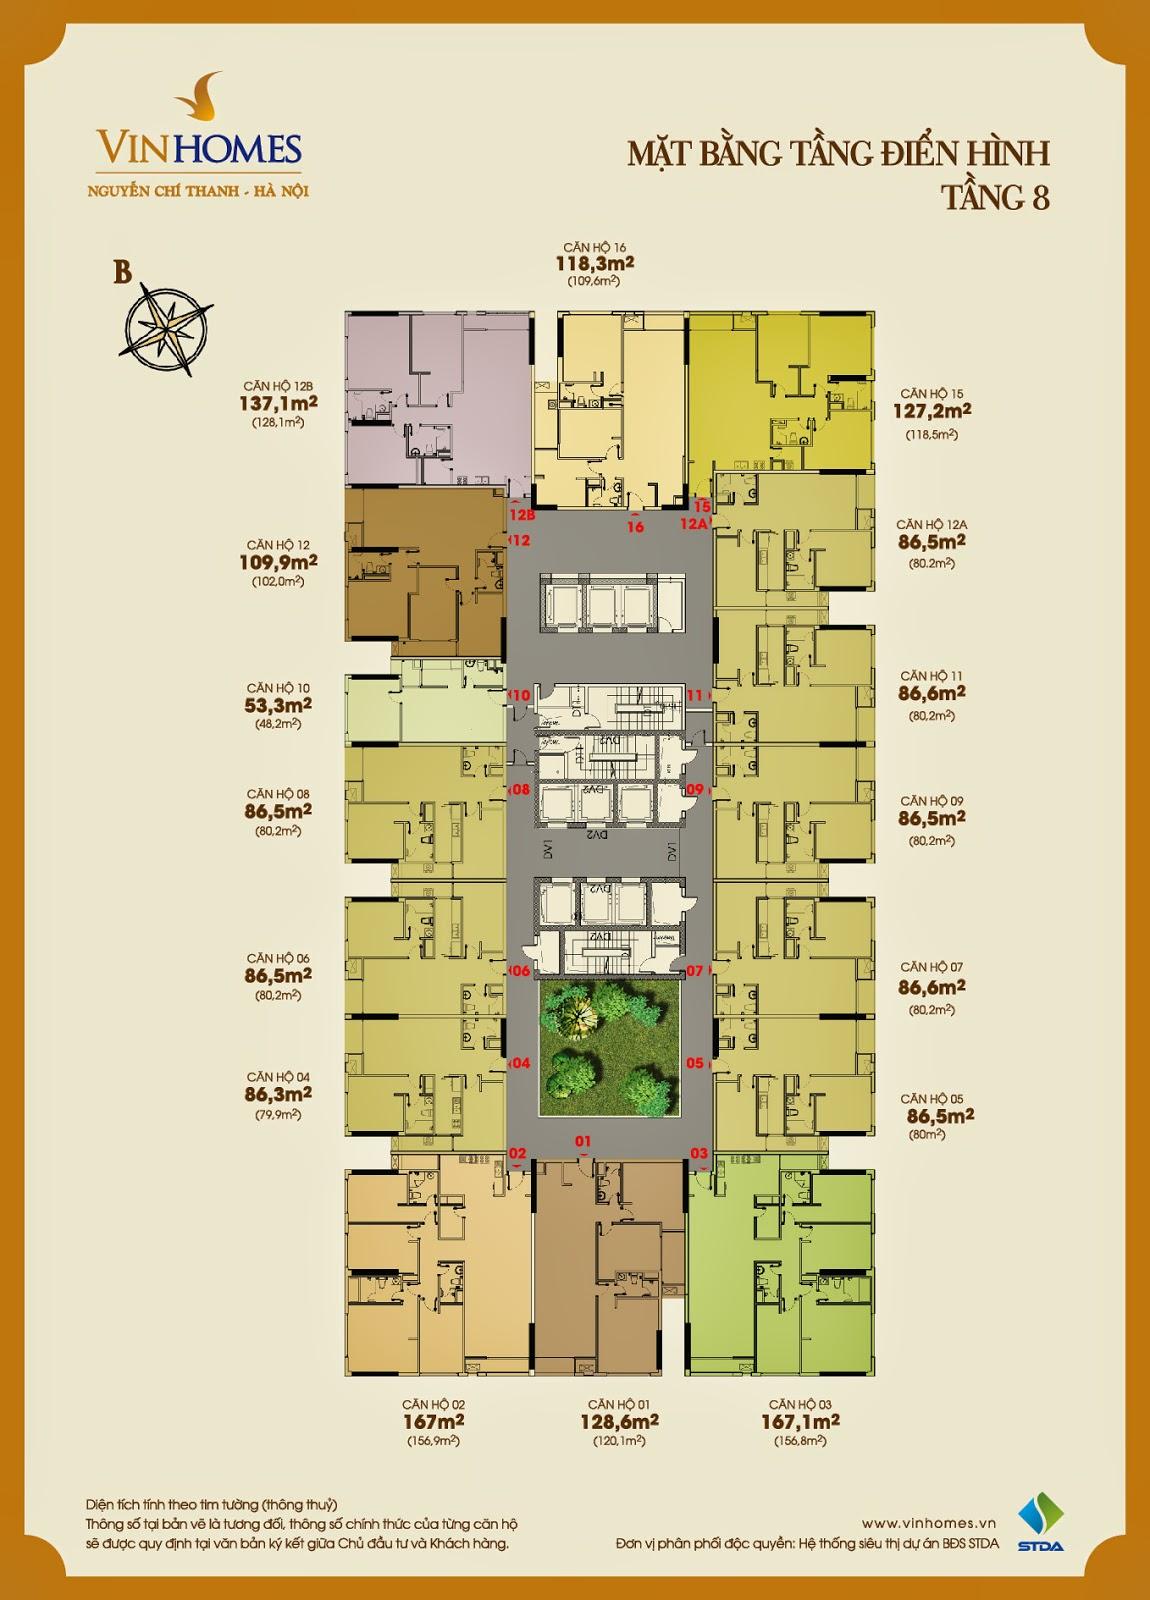 Mặt bằng điển hình tầng 8 Vinhomes Nguyễn Chí Thanh